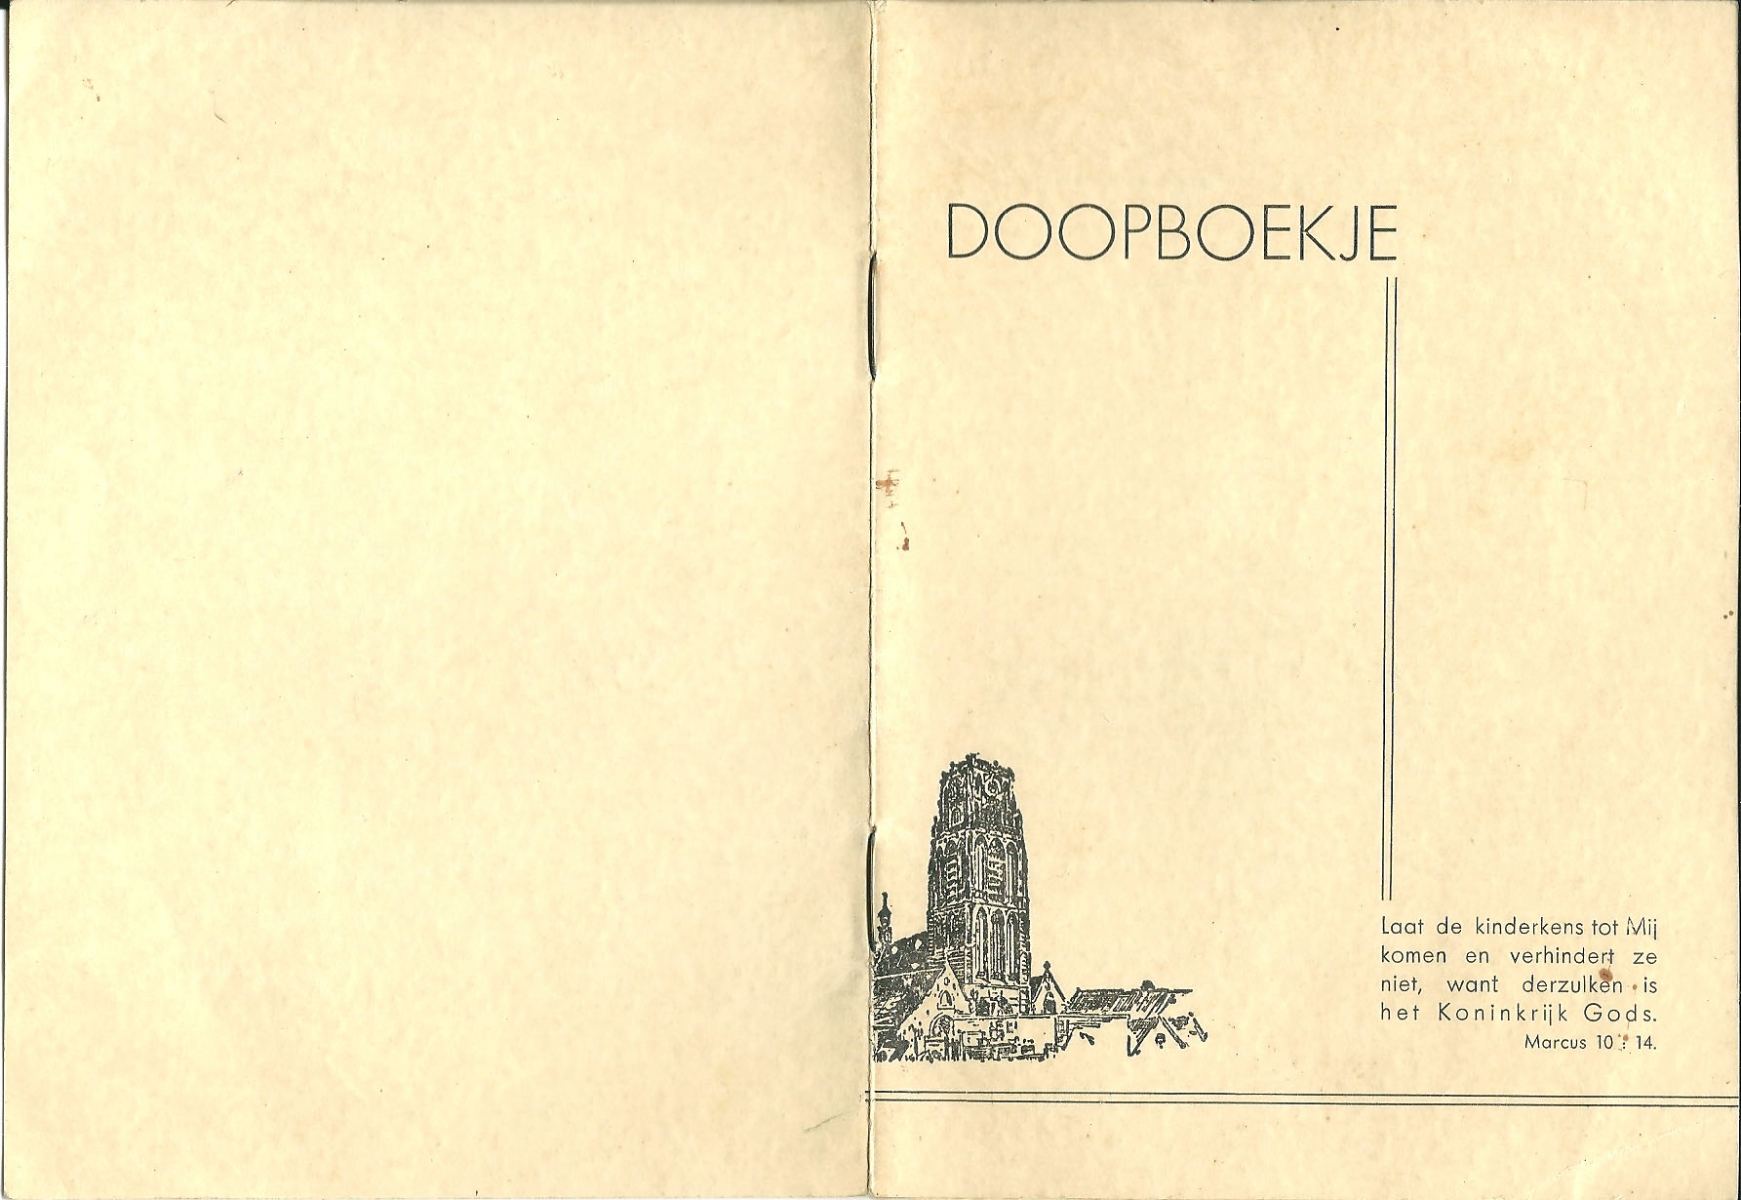 Groeneweg-Cornelis-Doopboekje